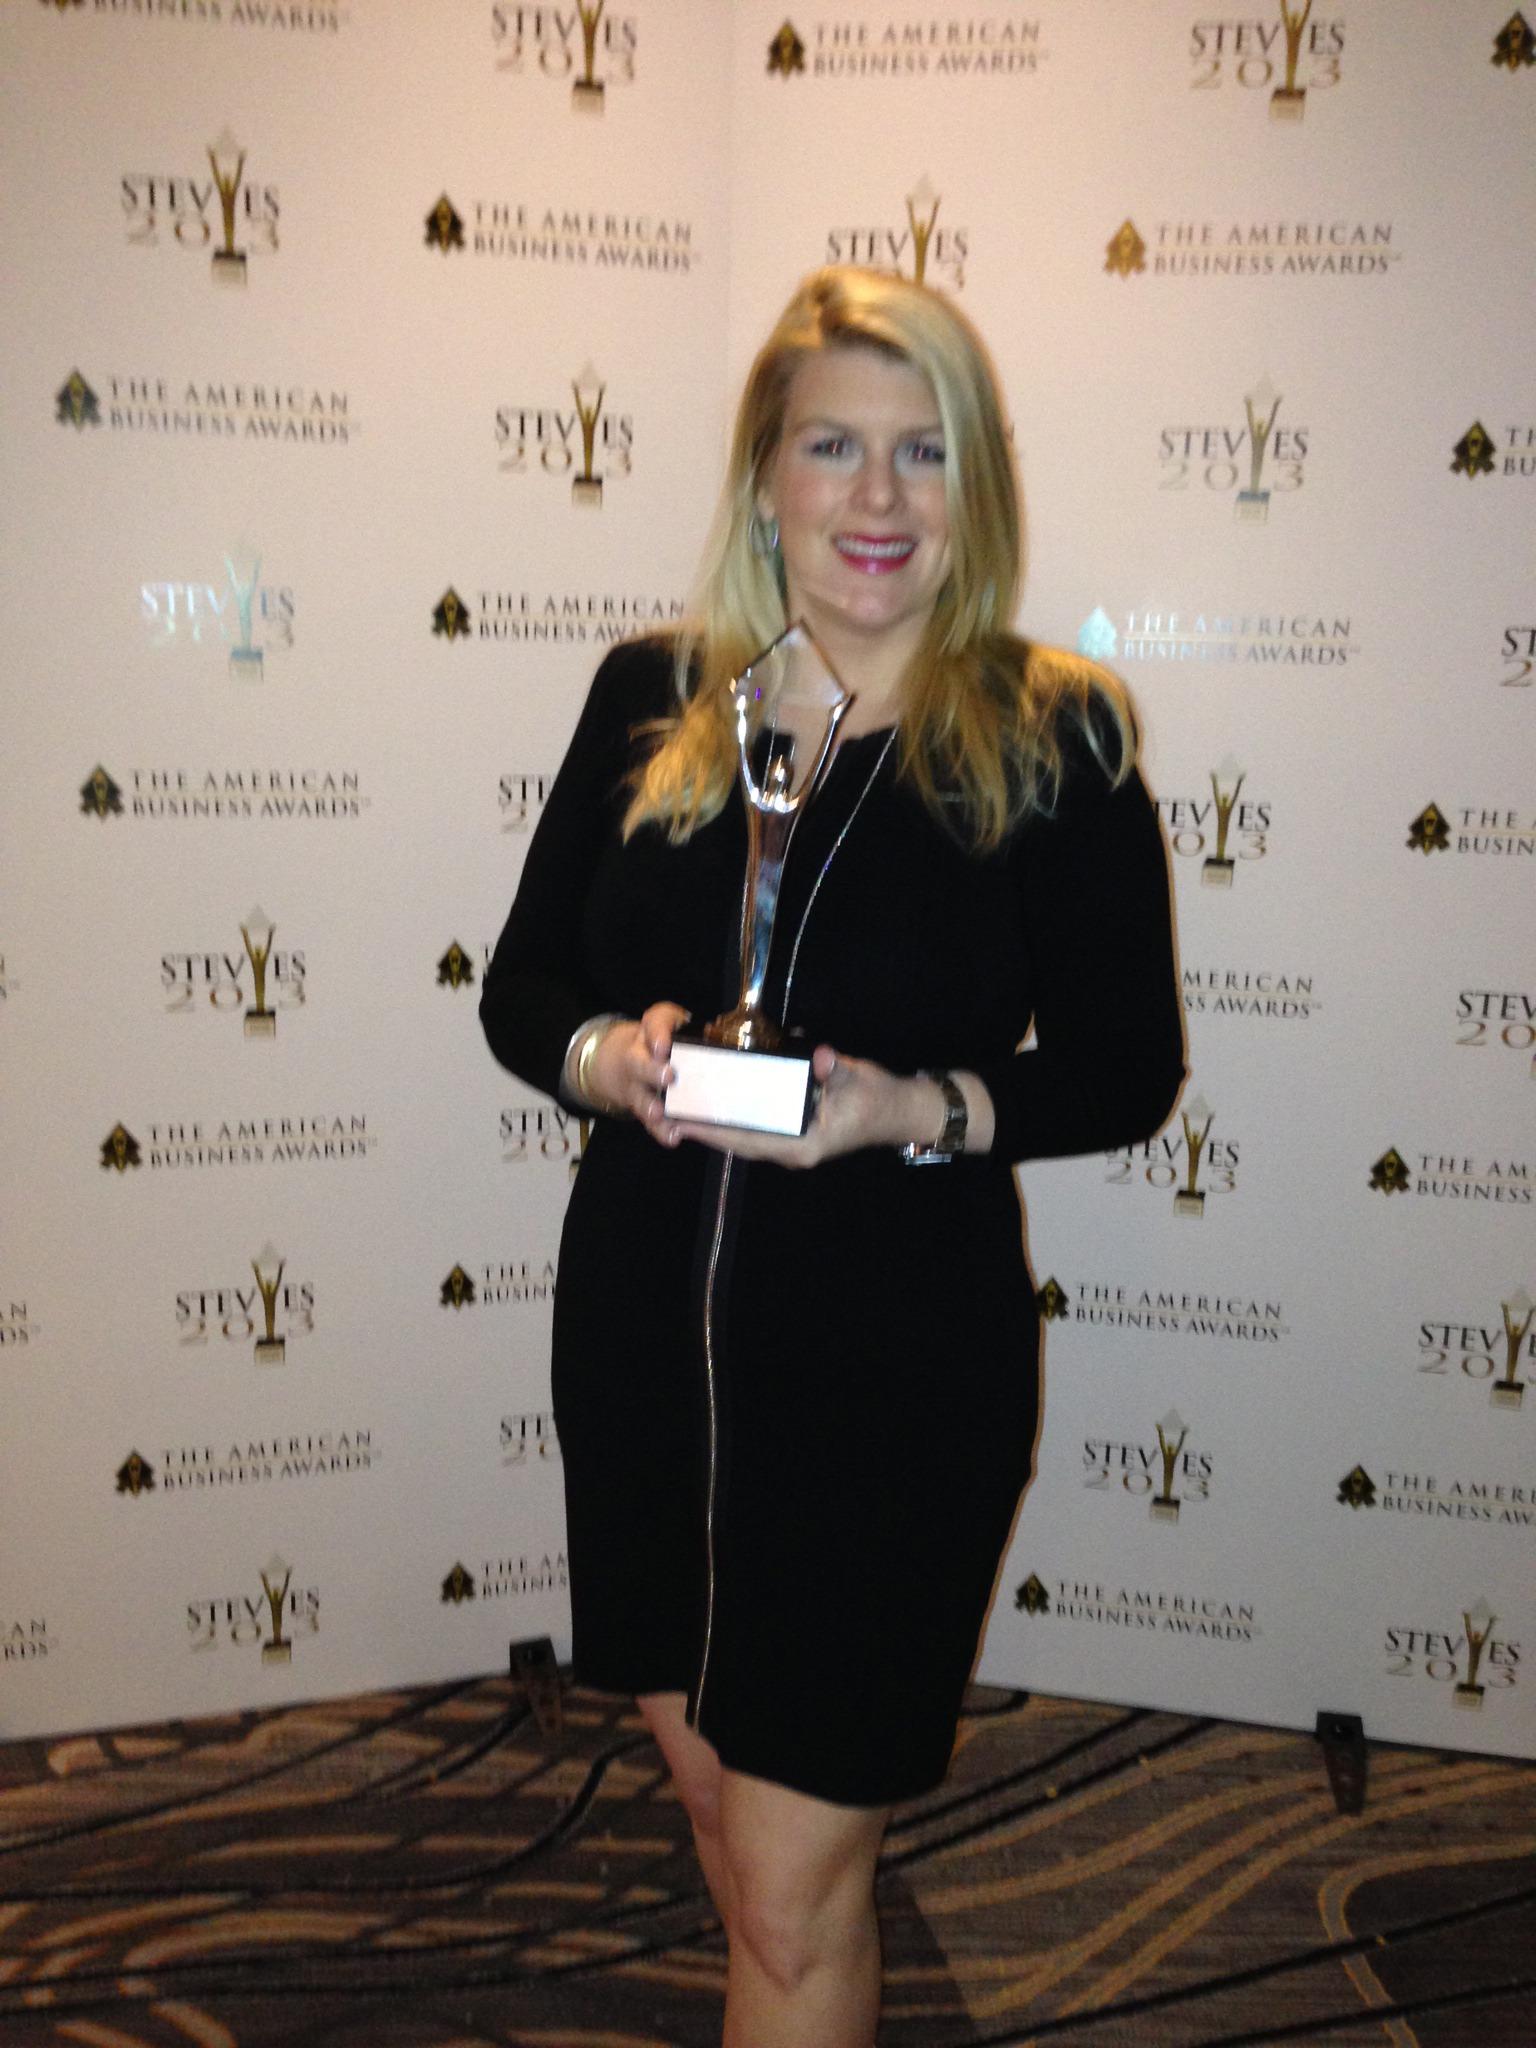 Durée ross stevie award winner